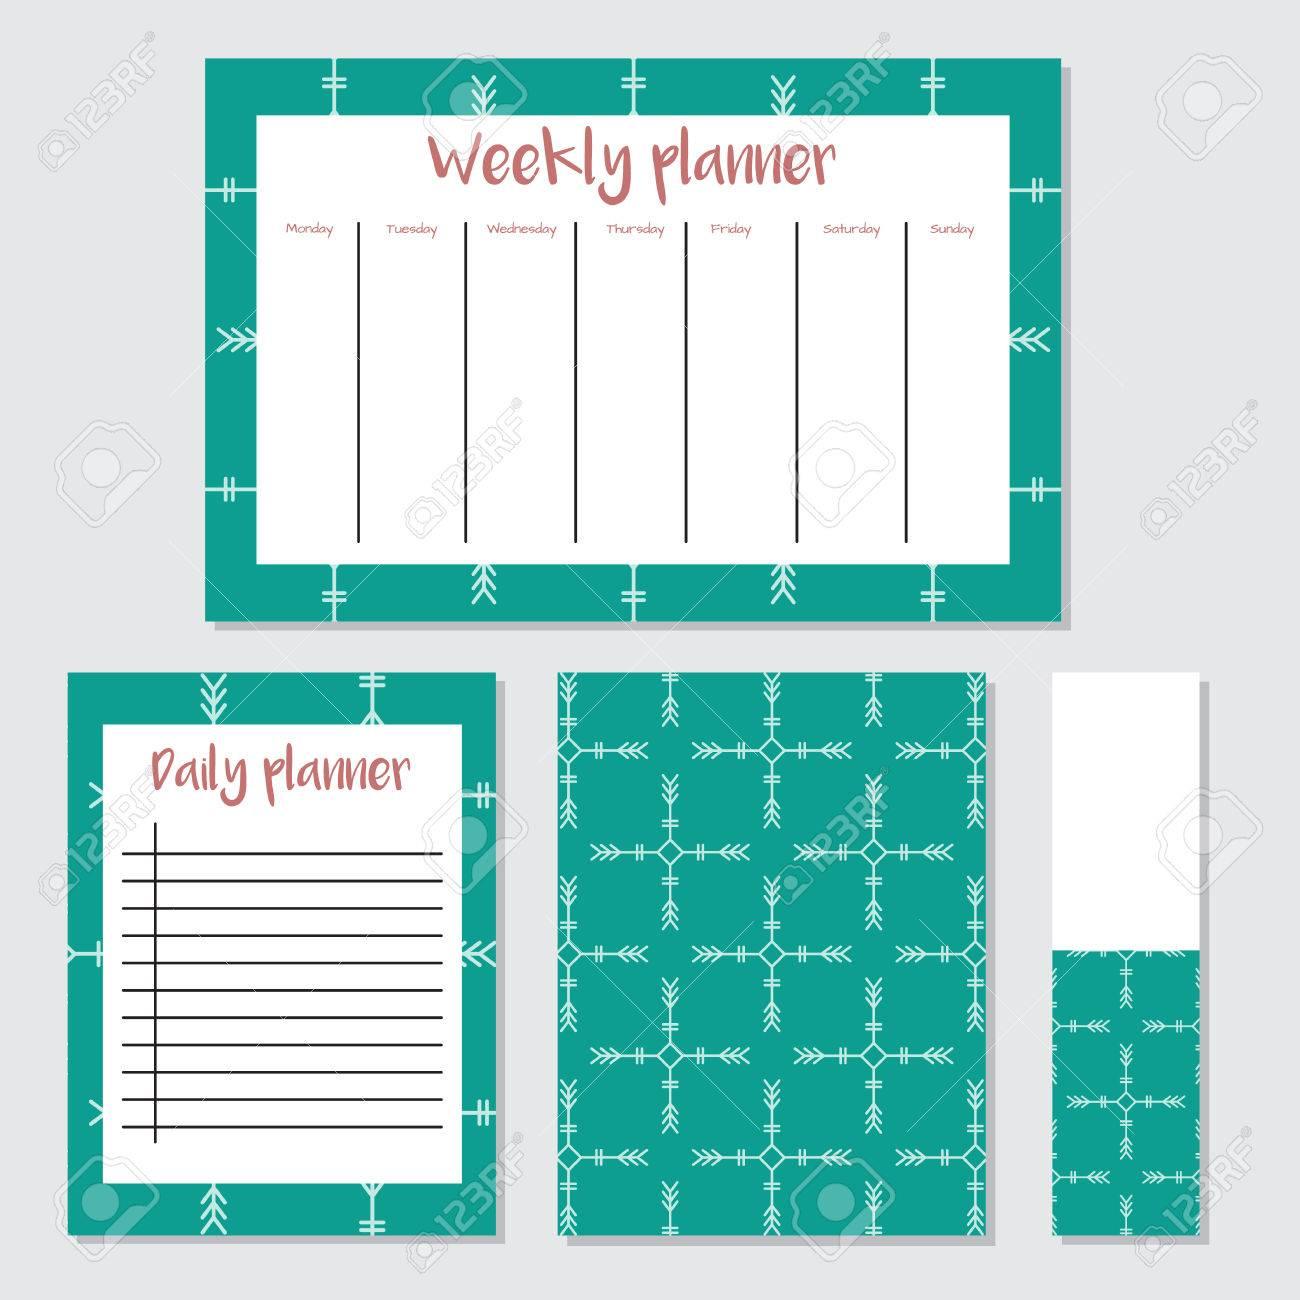 Planificateur Hebdomadaire En Style Scandinave Avec Motif De Glace Parfait Pour Imprimer Modèle Faire Une Liste Vector Illustration Isolée